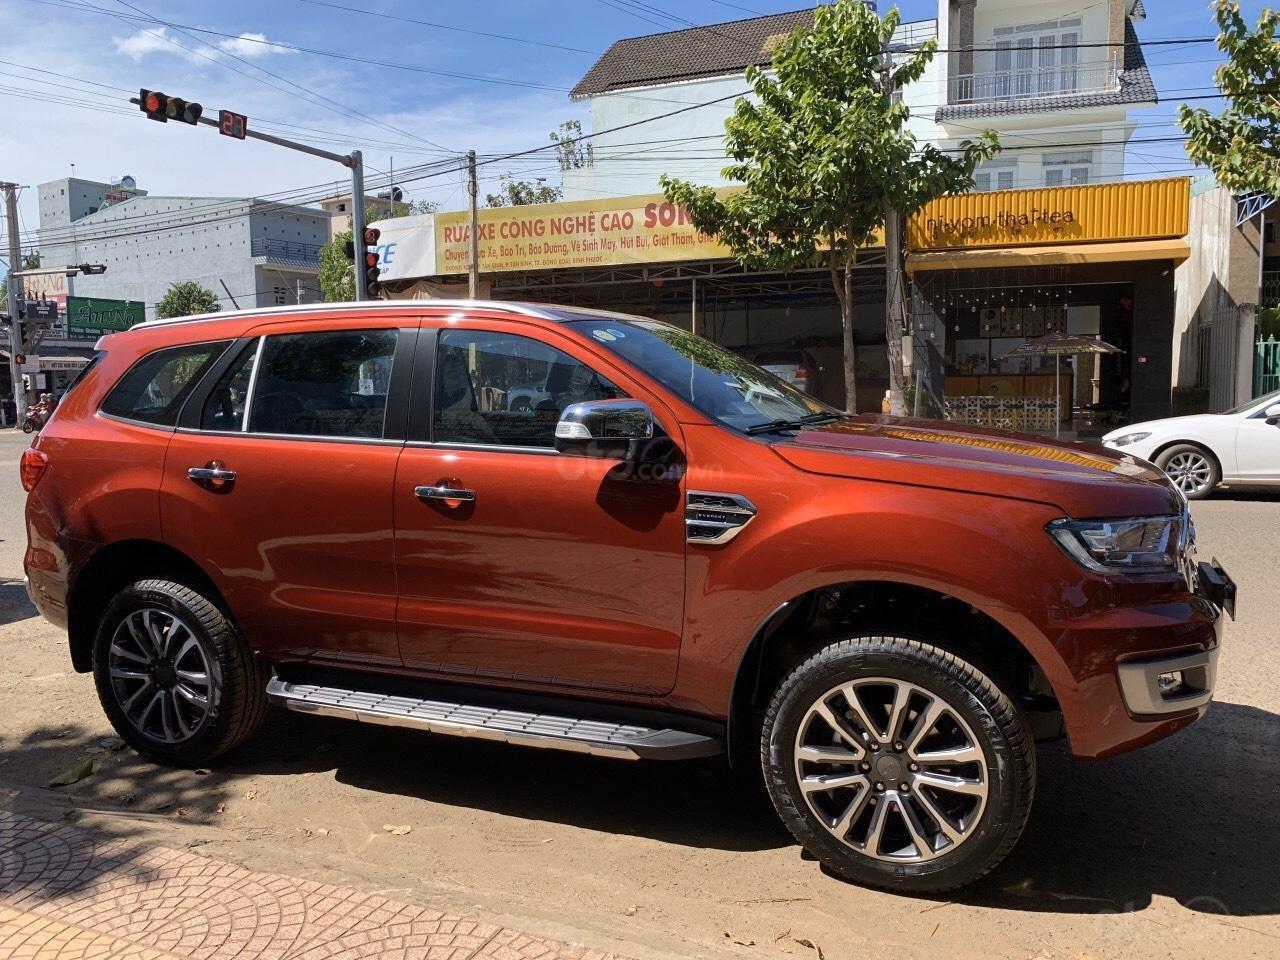 Ford Everest giá ưu đãi 75 đến 85 triệu (1)